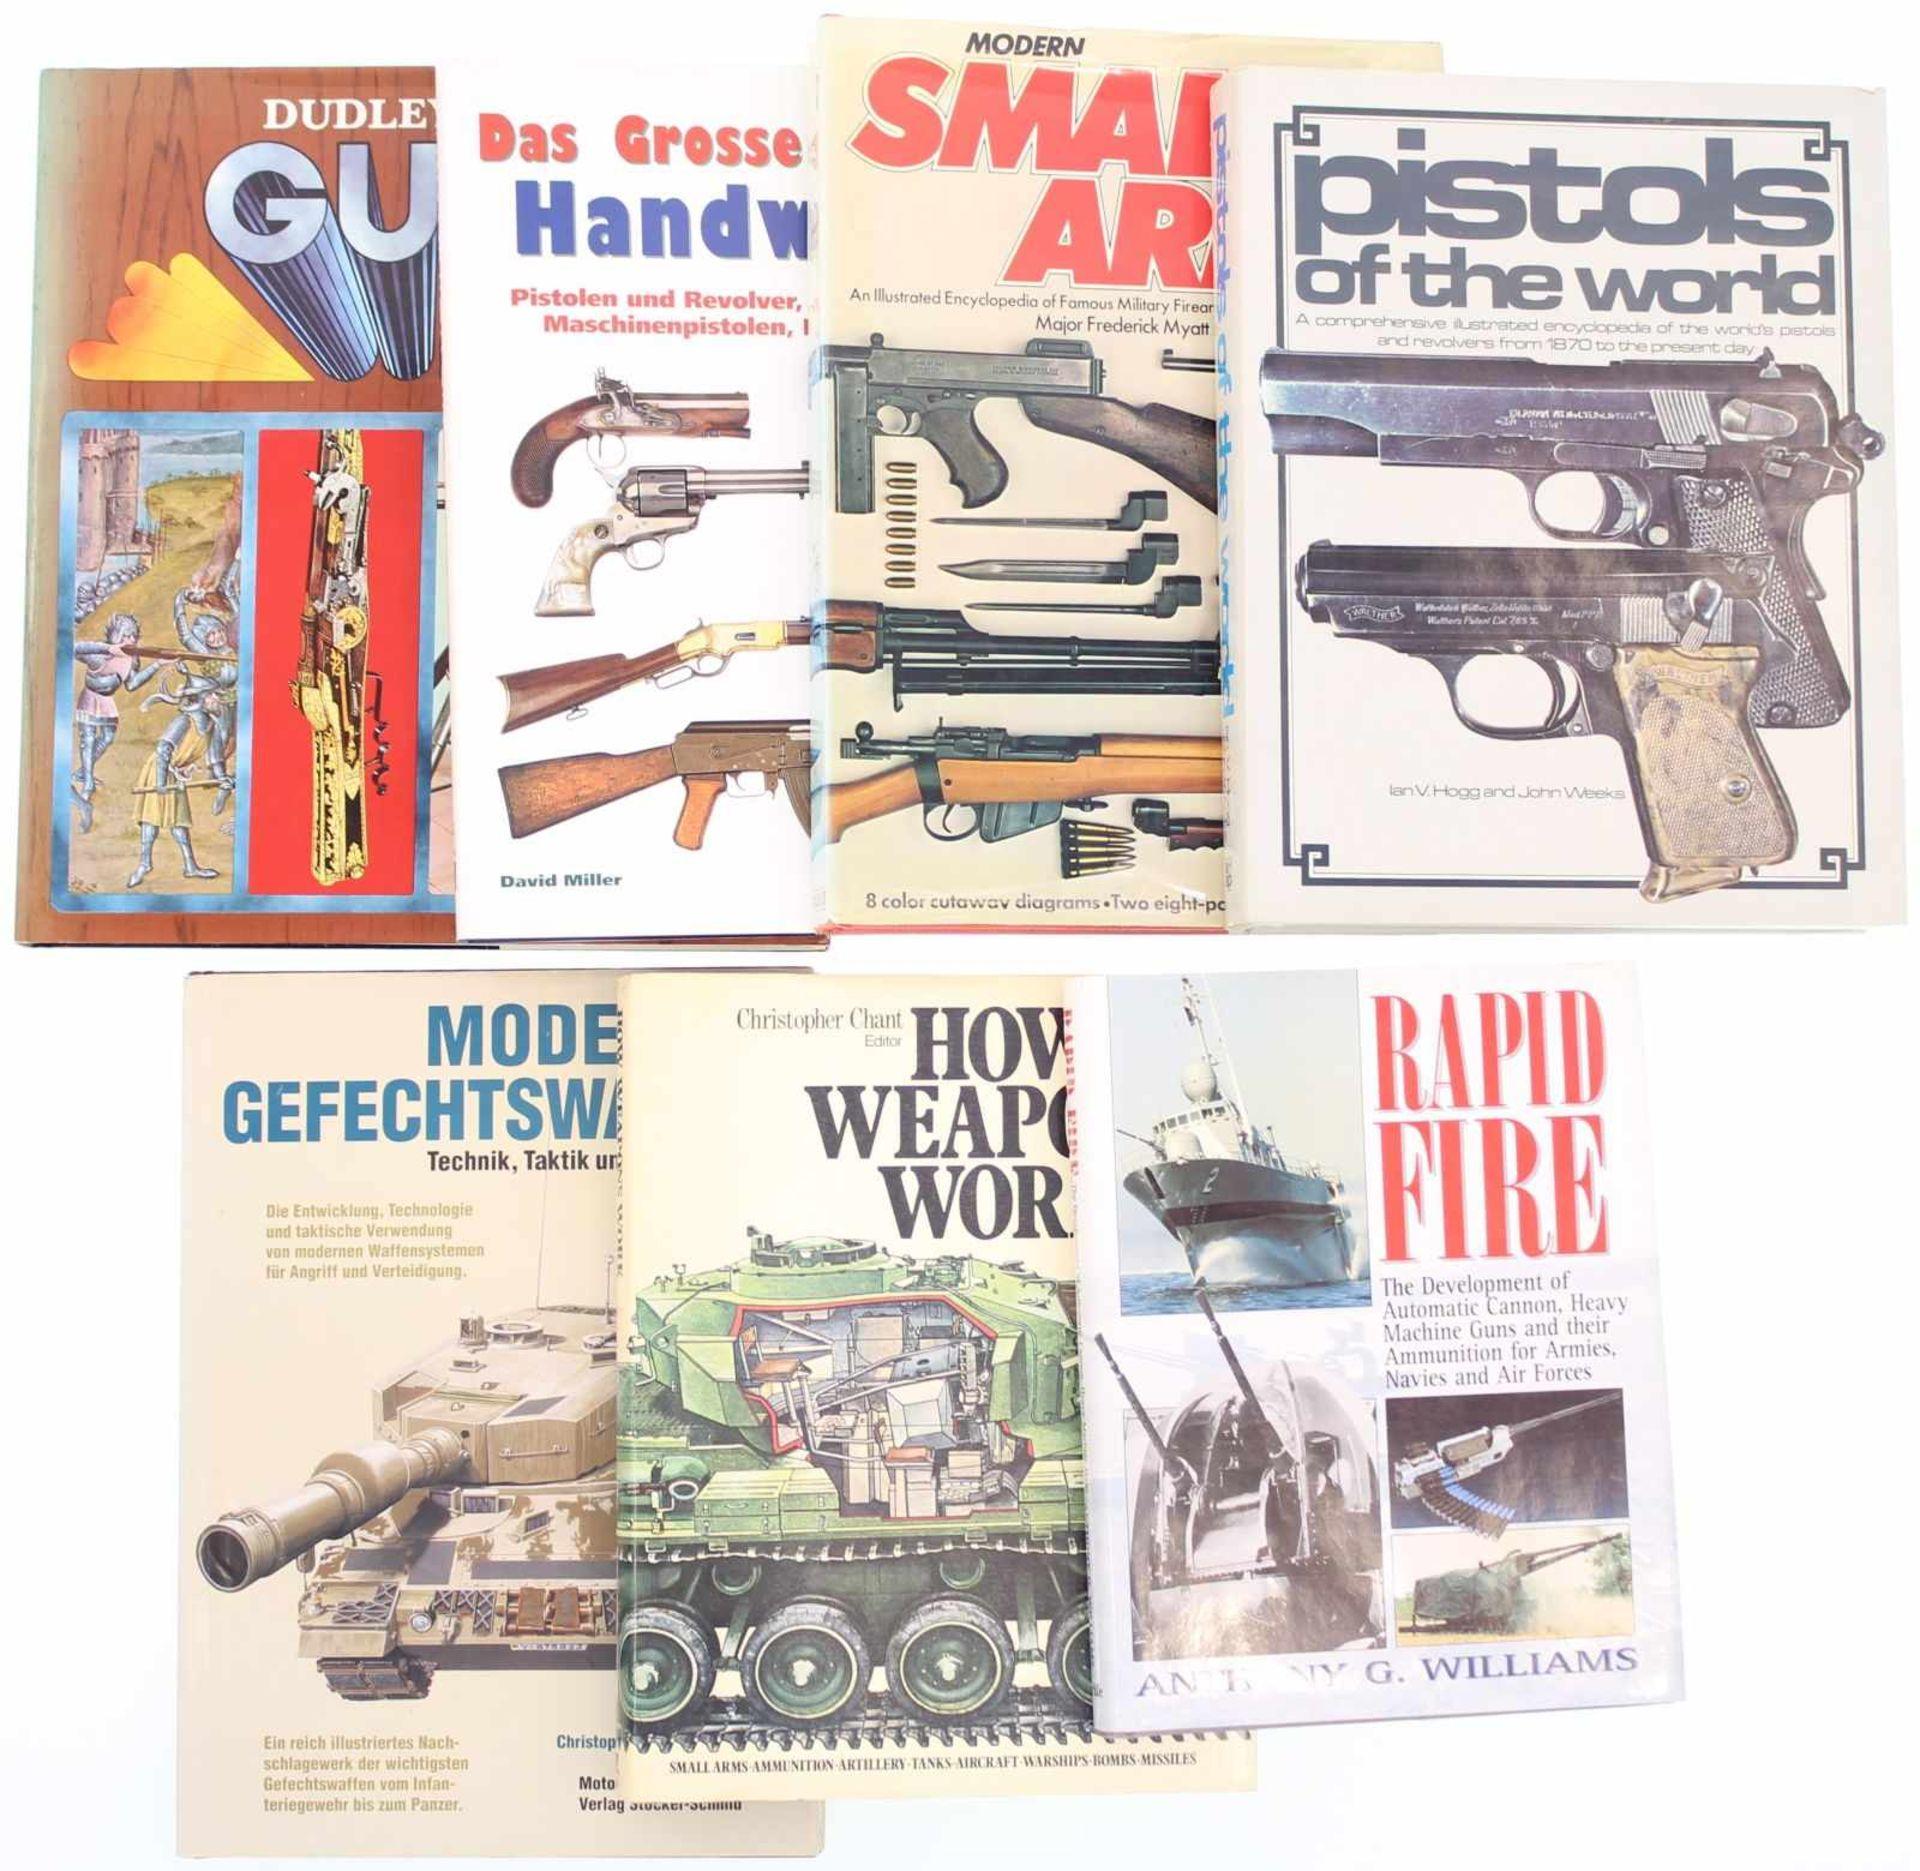 Konvolut von 7 Büchern@ 1. Rapid Fire von Anthony G. Williams, 2. Moderne Gefechtswaffen von Foss/